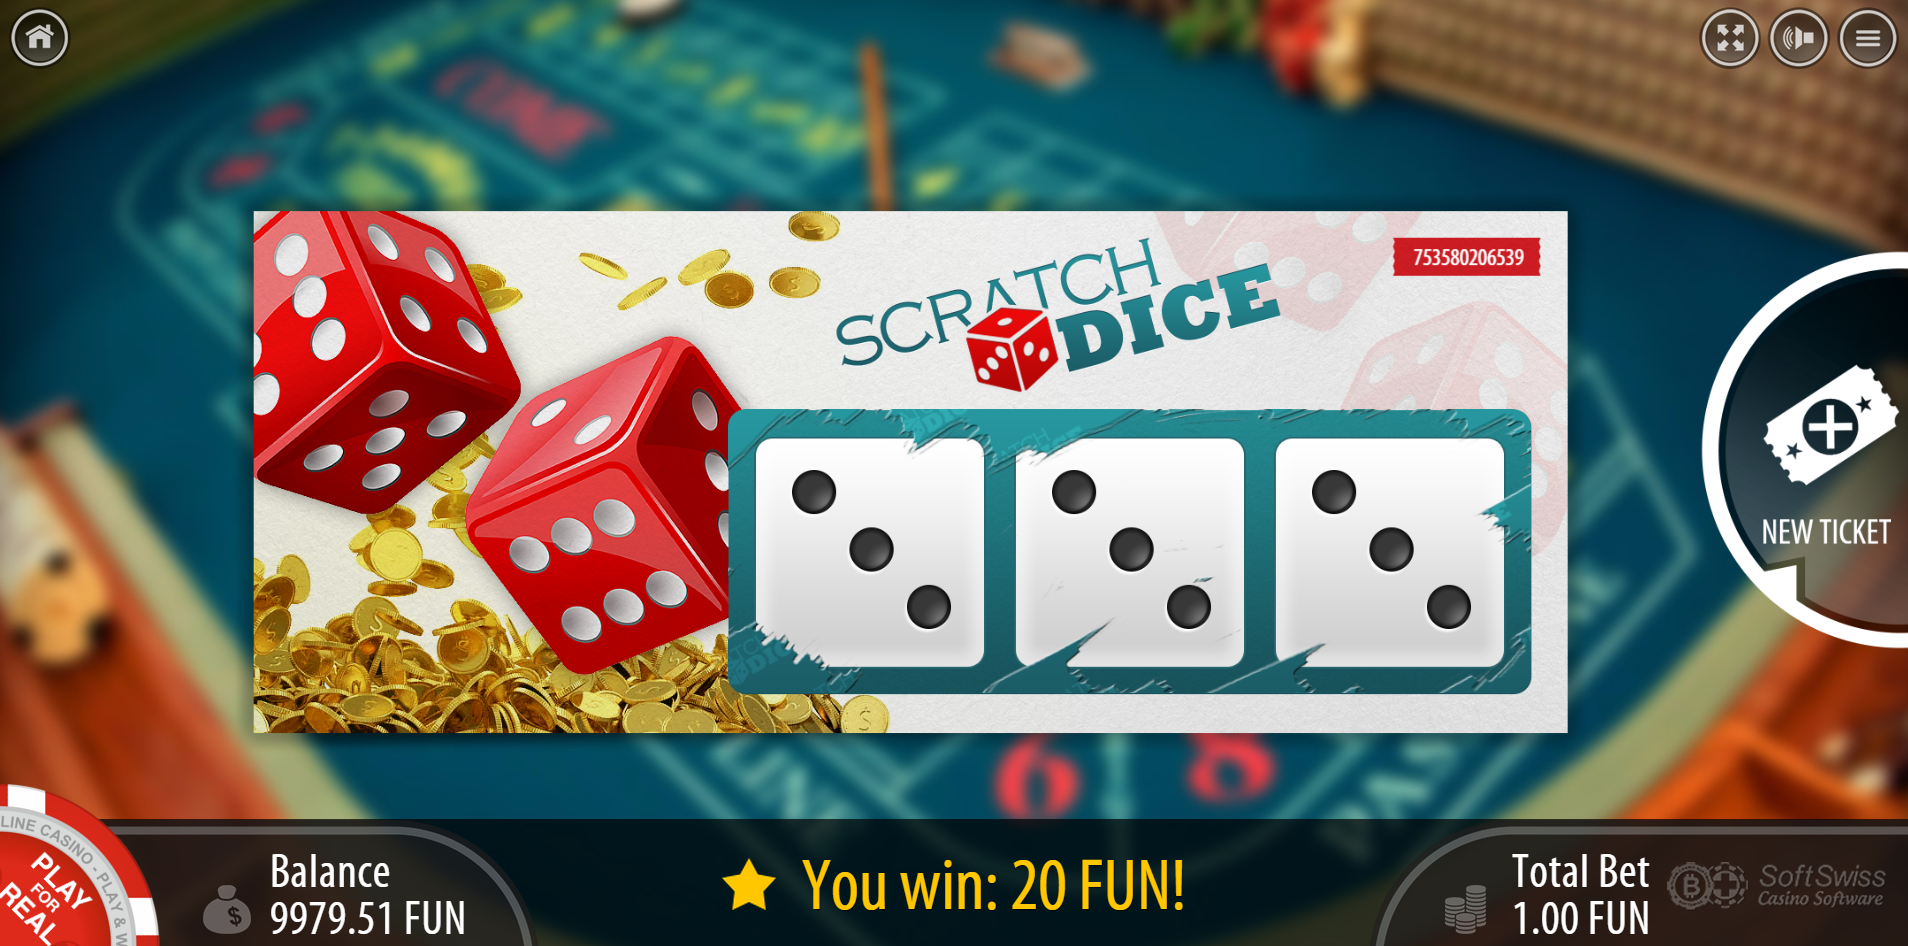 Simple dice games gambling baccarat black casino craps gambling guide jack playboy roulette